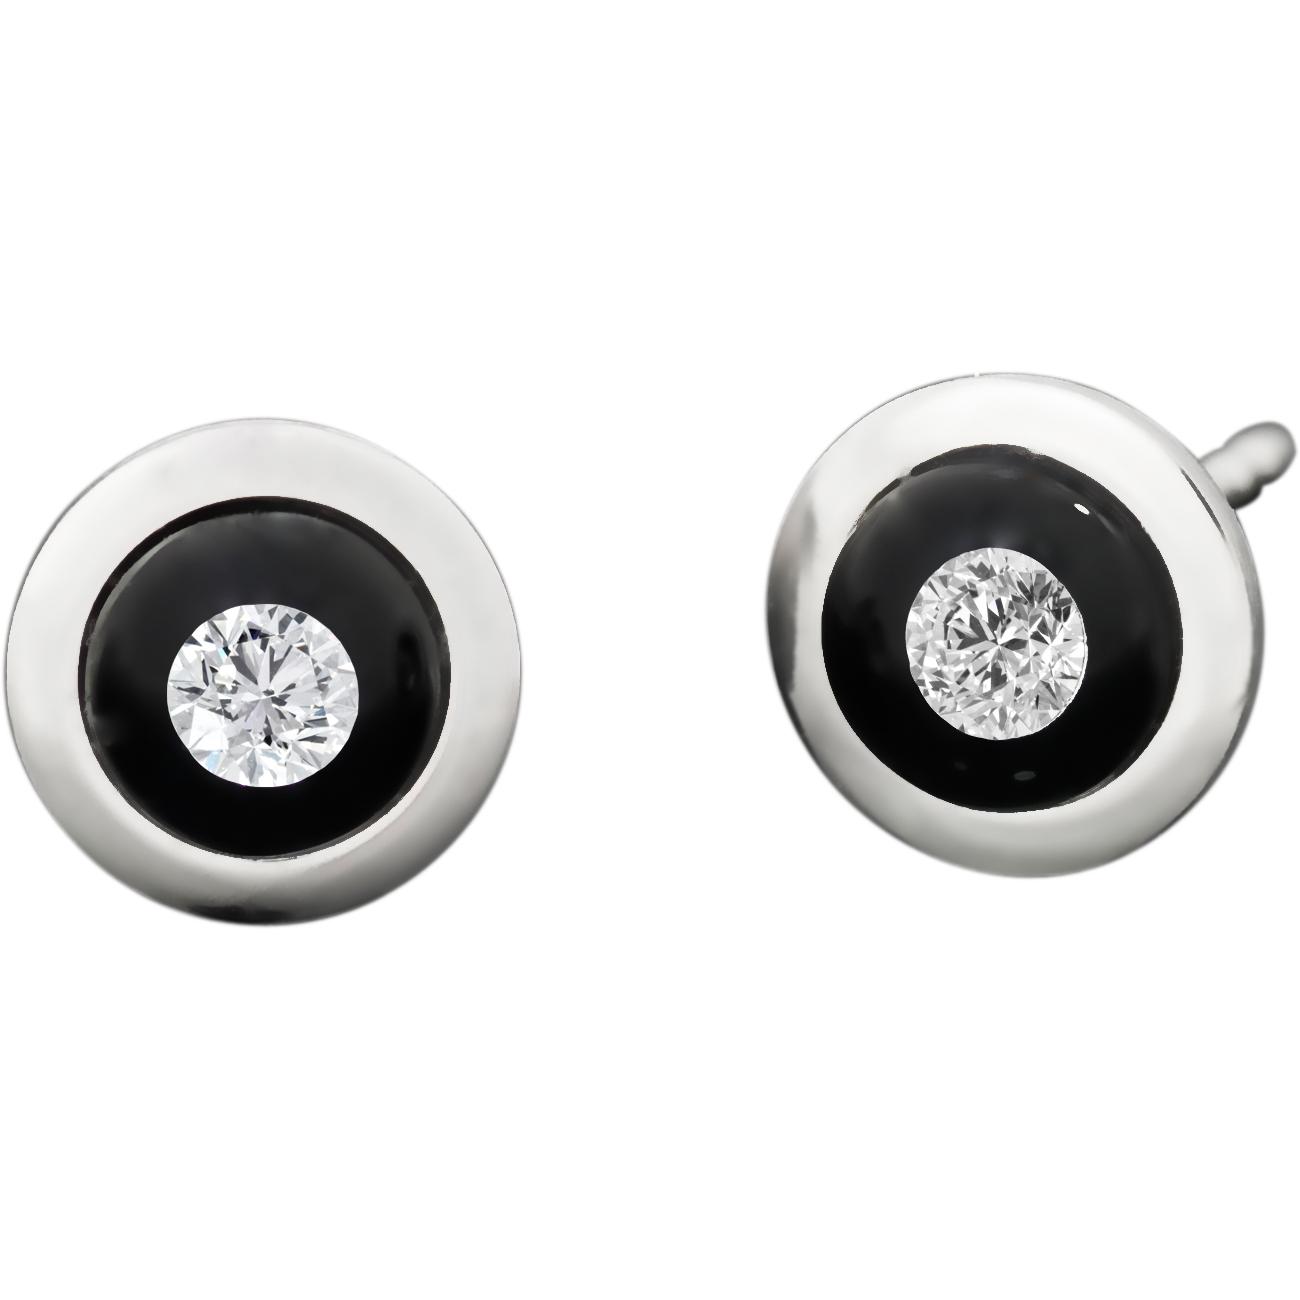 Boutons d\'oreilles 8.7mm, diamants flottant dans perles de verres, monture acier